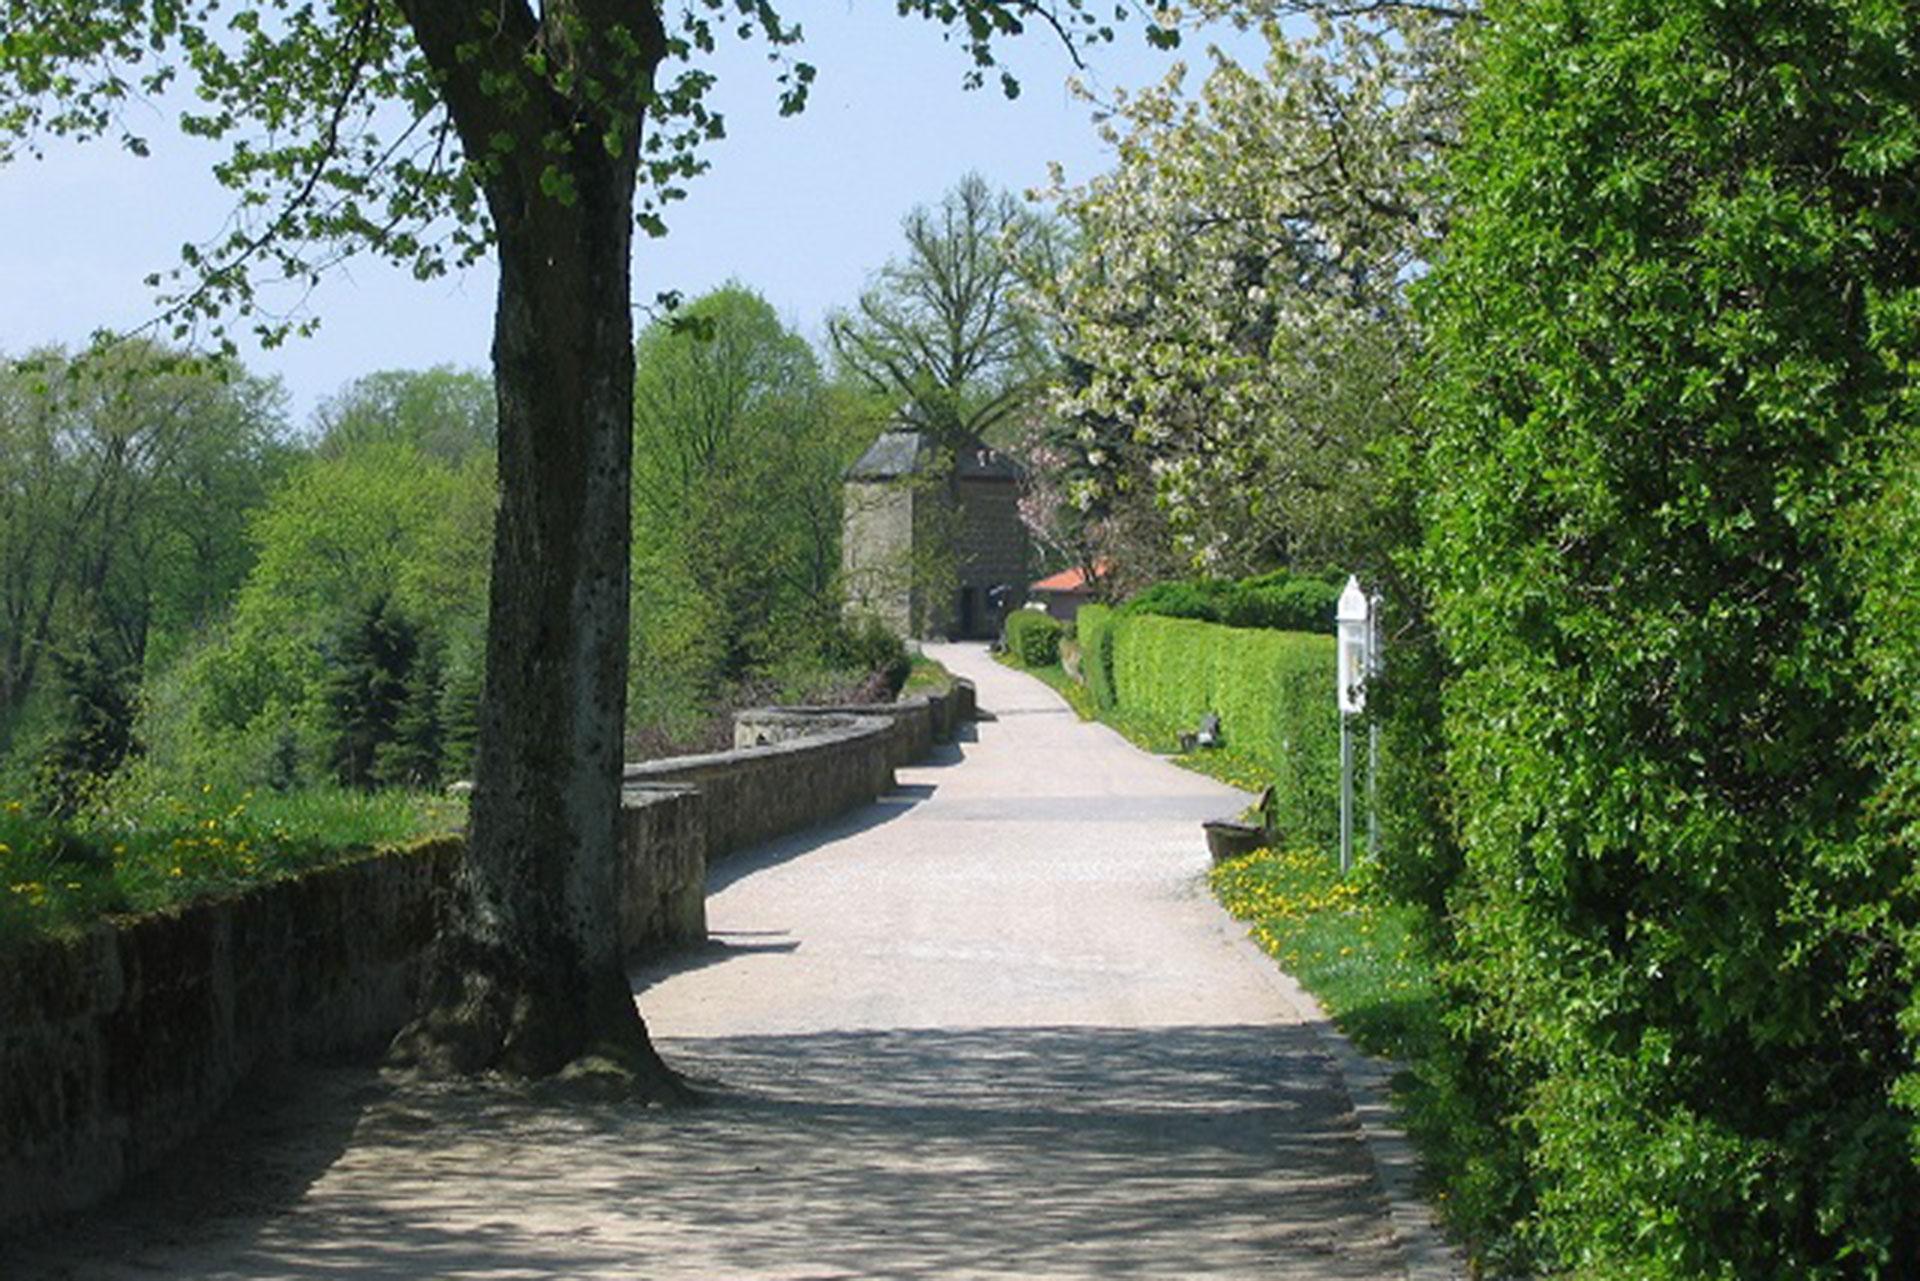 Einzigartiger-3-km-langer-Stadtmauerrund-gang-in-Rüthen-Foto-Stadt-Rüthen